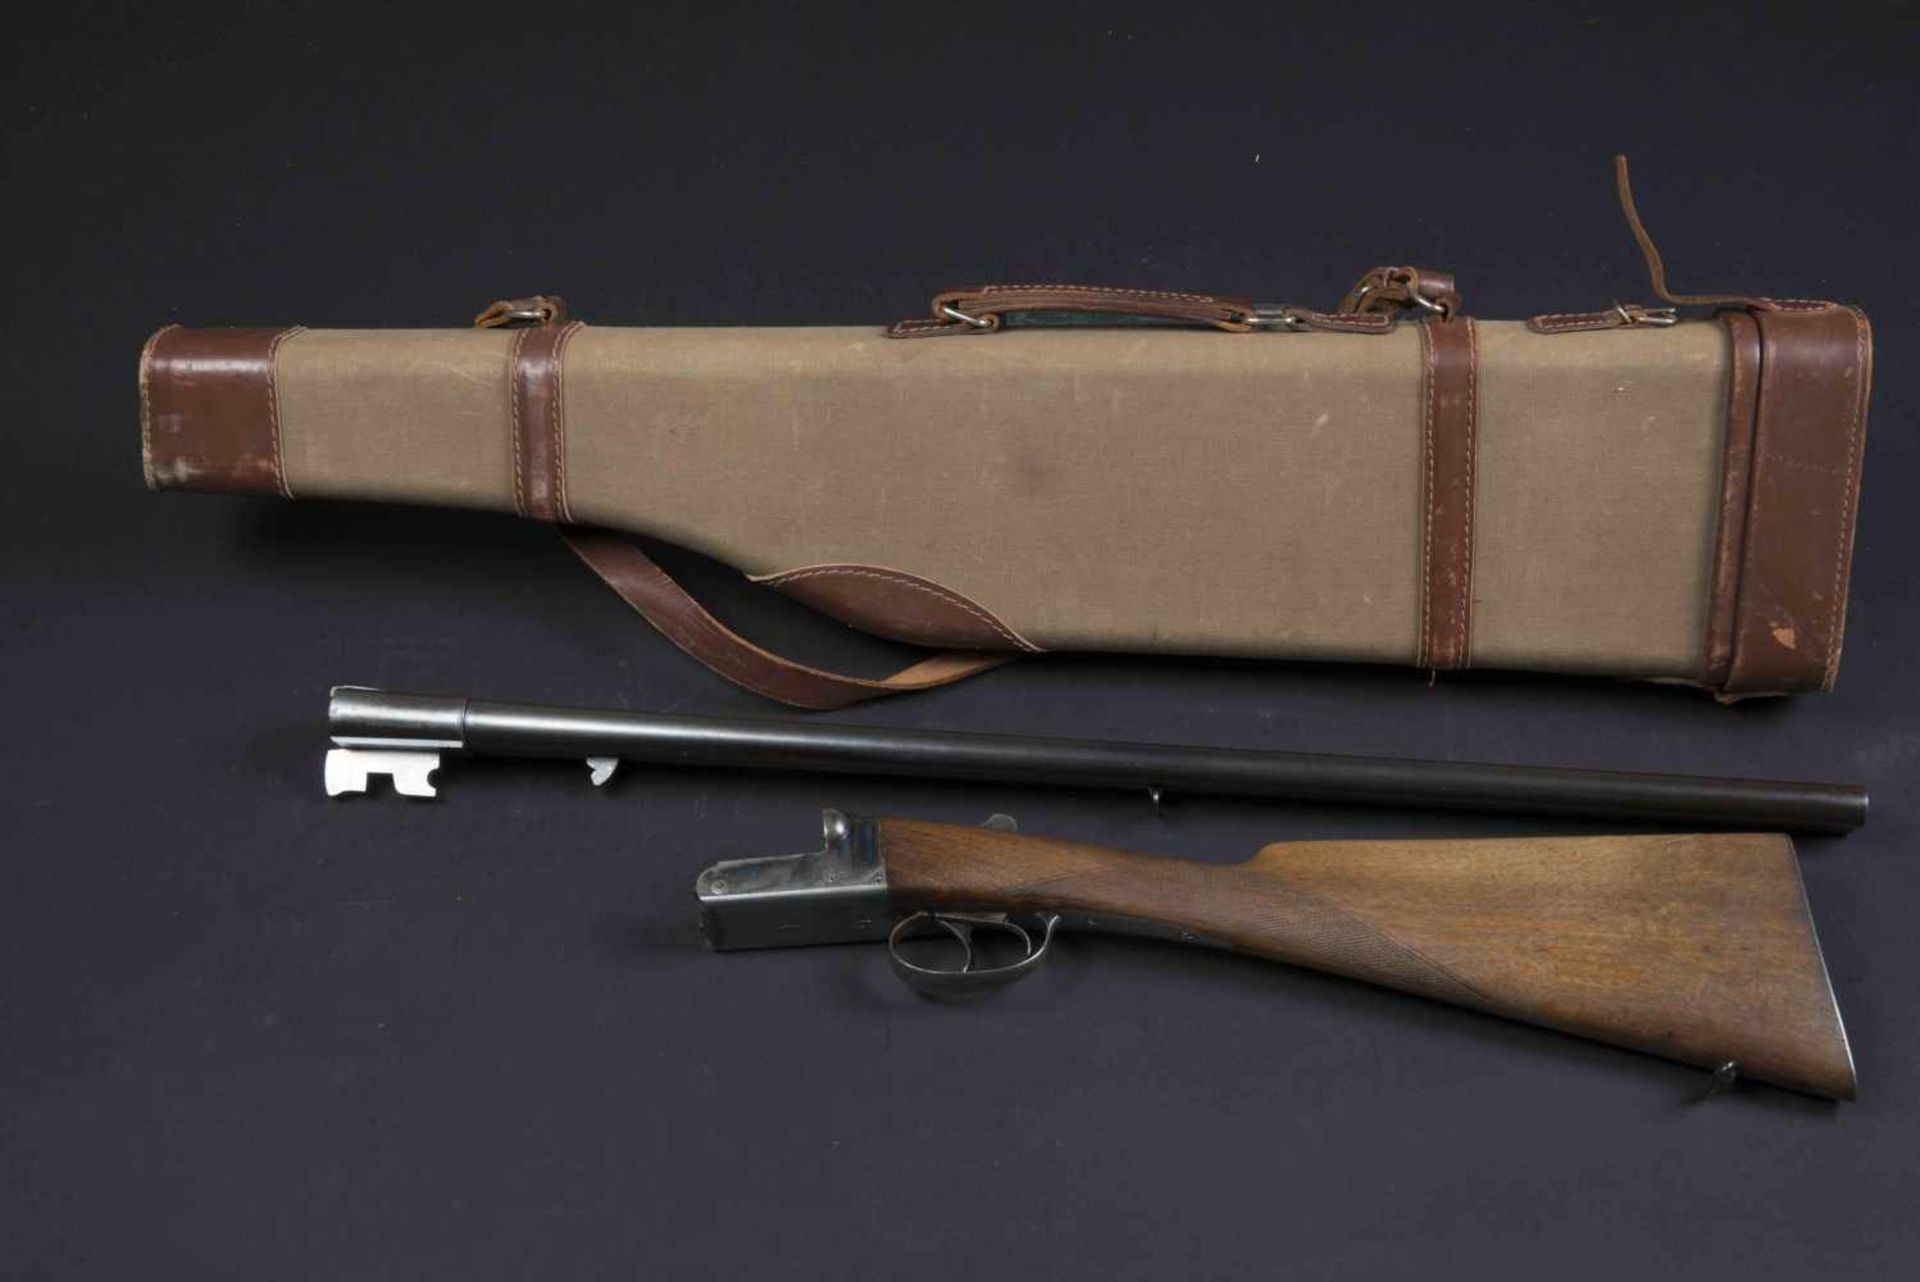 Fusil de chasse Costo Catégorie C Calibre 16 rayé, numéro 206939. On y joint une housse de transport